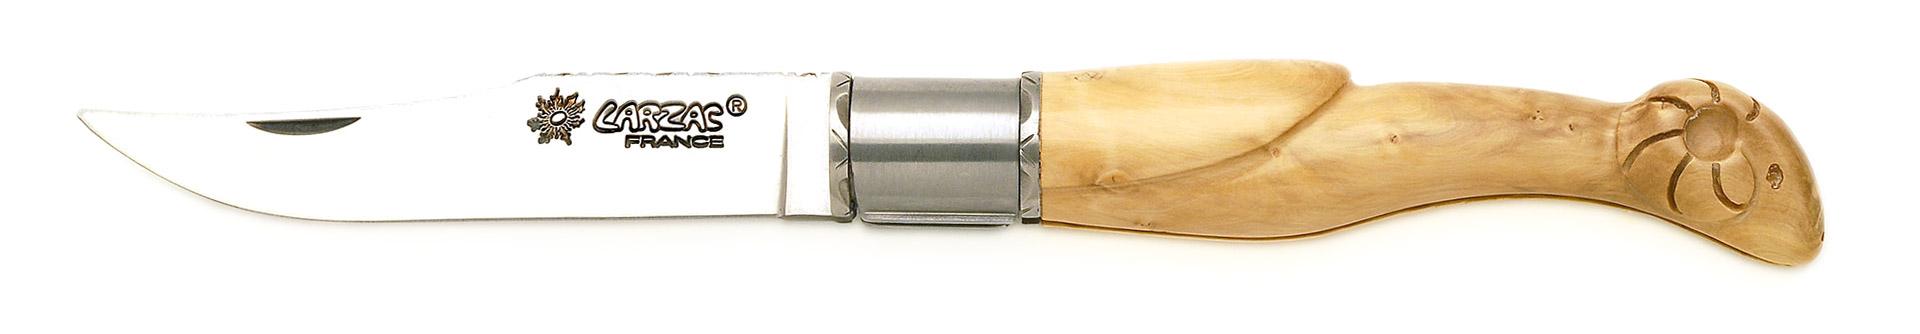 Le couteau du Larzac